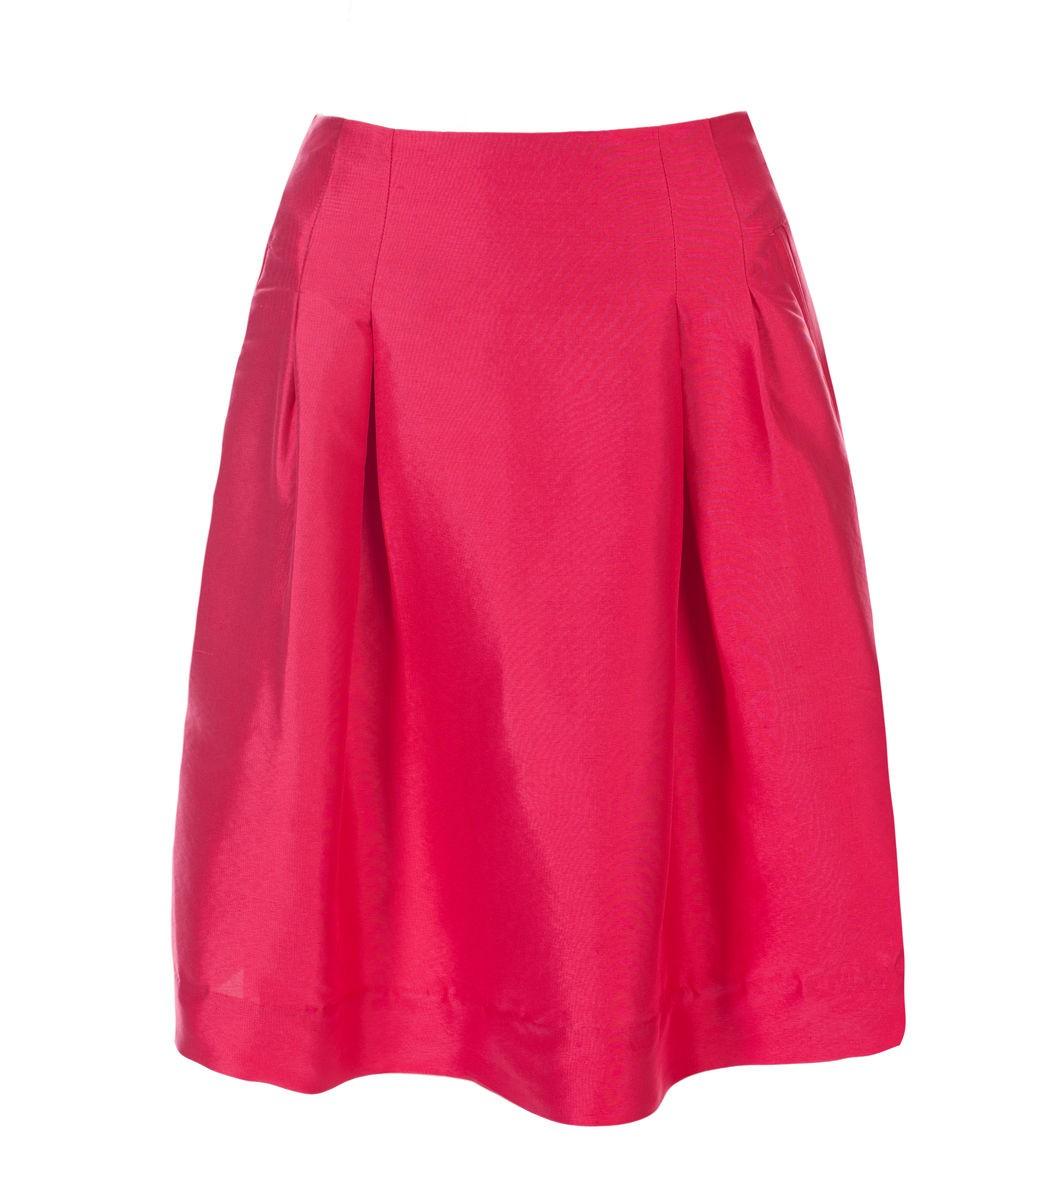 Crazy In Love Skirt